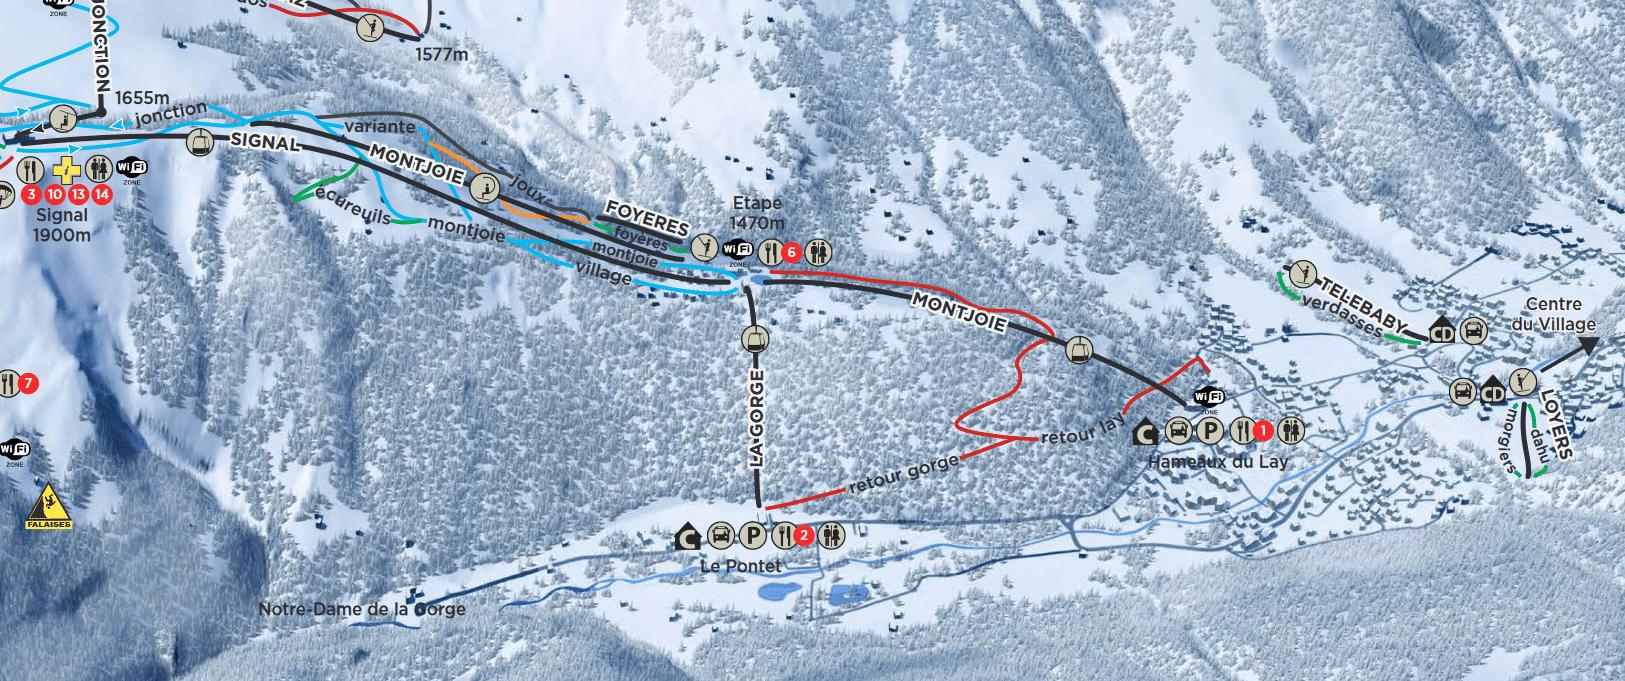 Les Contamines - Plan des pistes de retour au village